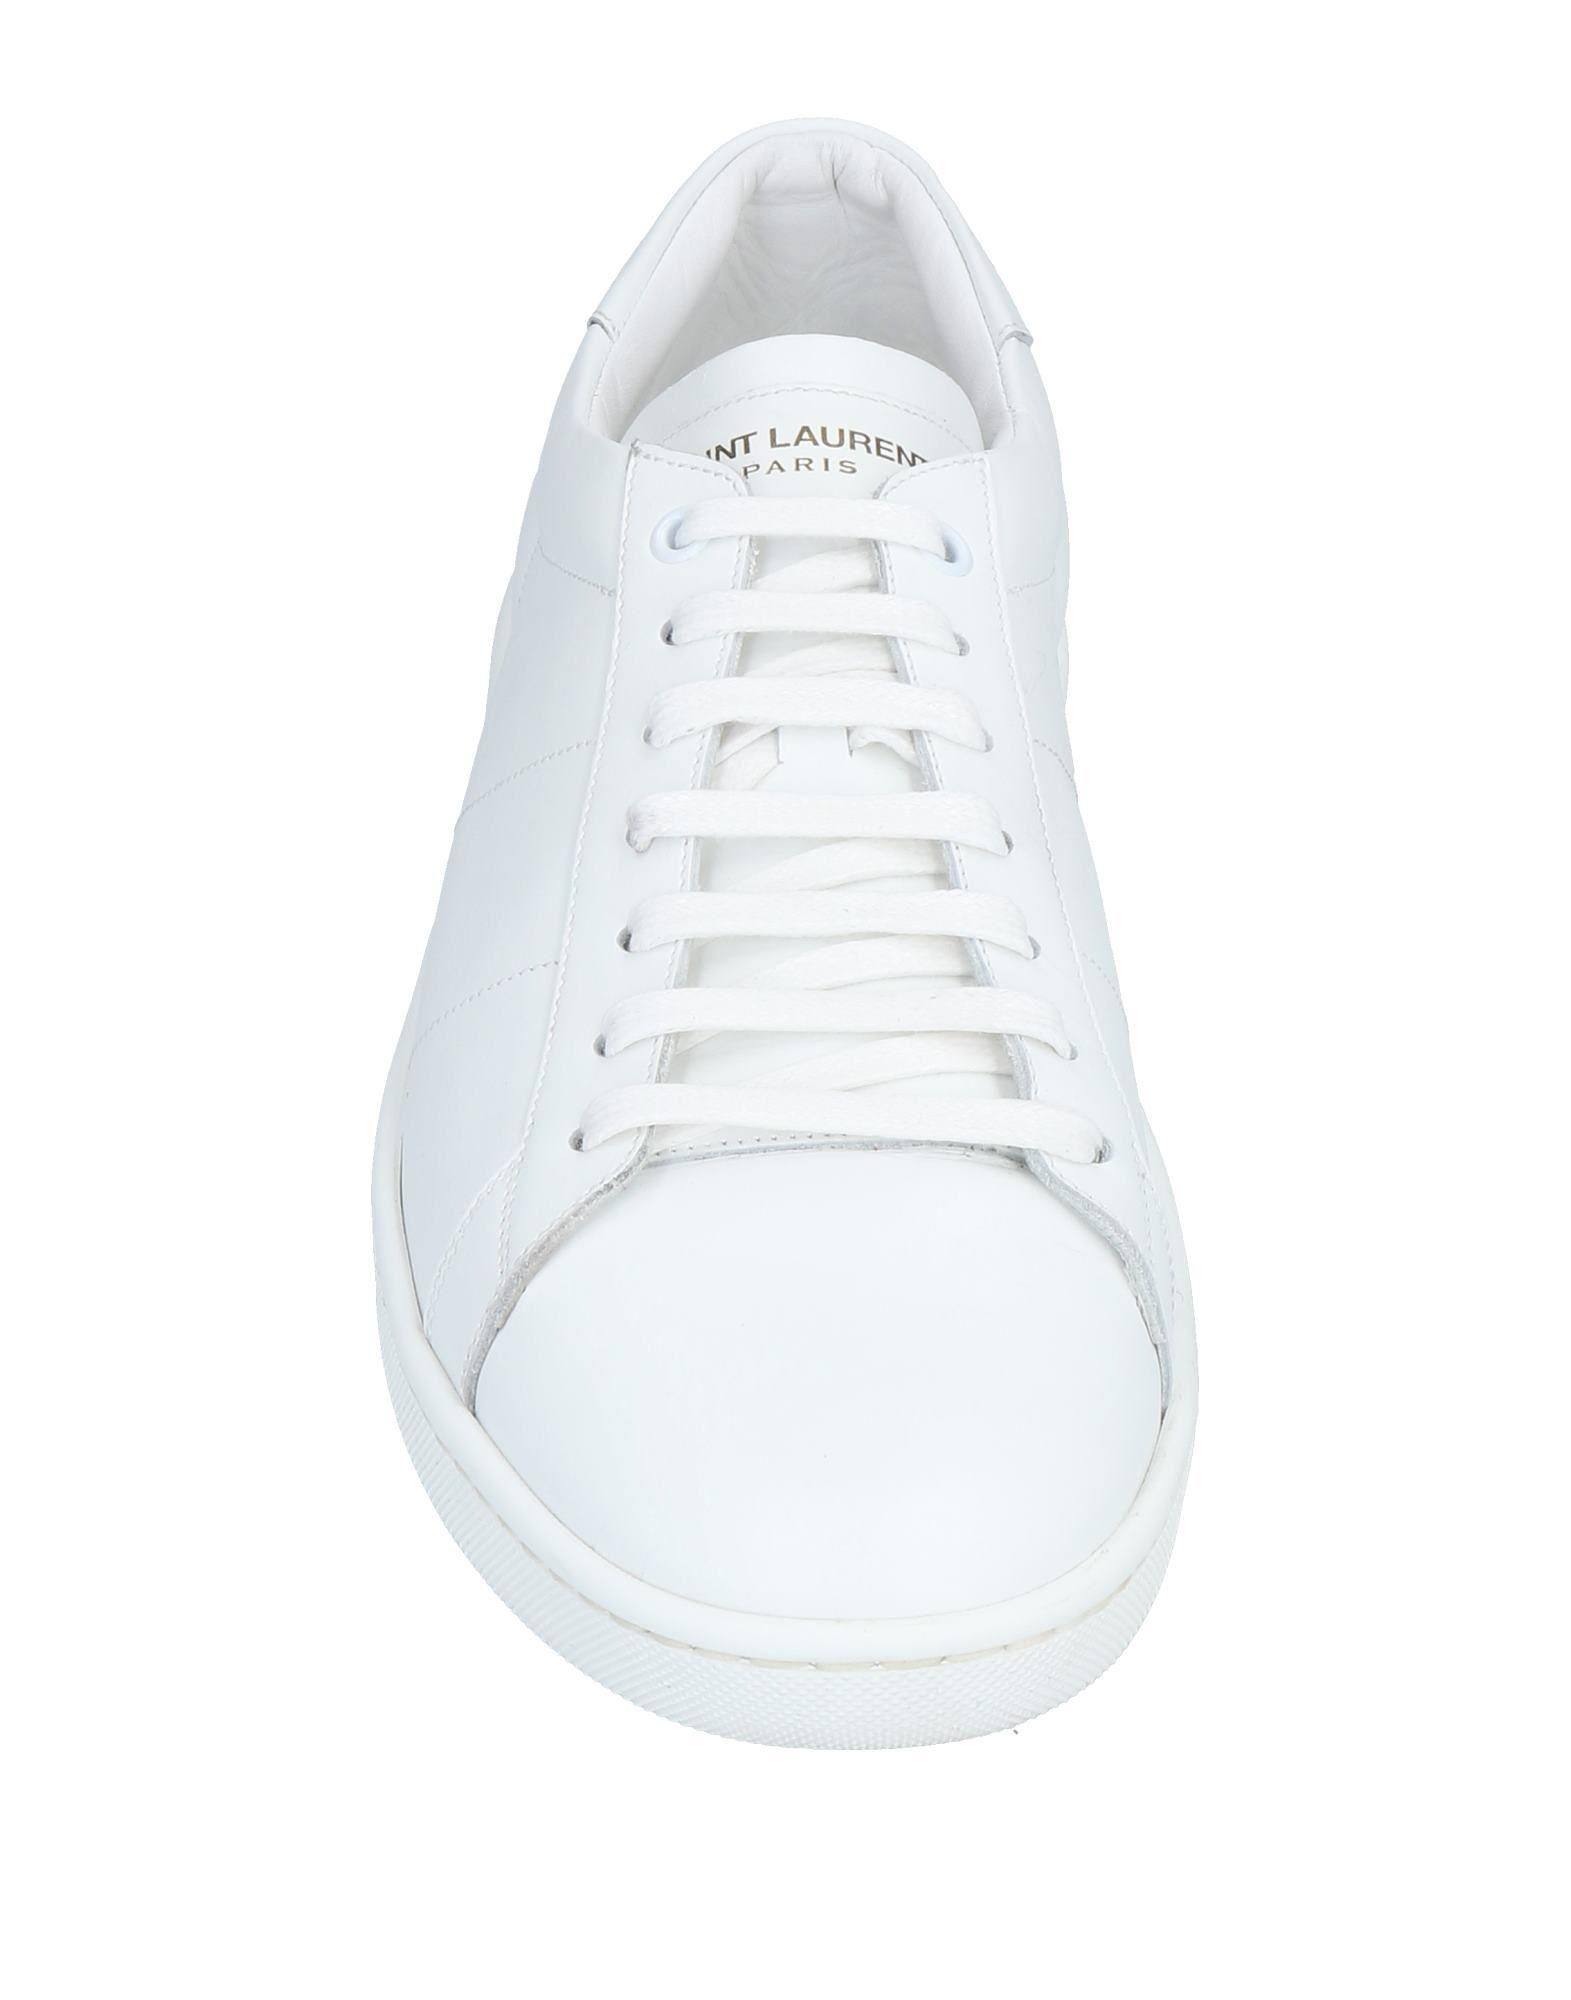 Saint Laurent Sneakers Herren  11477362WW Gute Qualität beliebte Schuhe